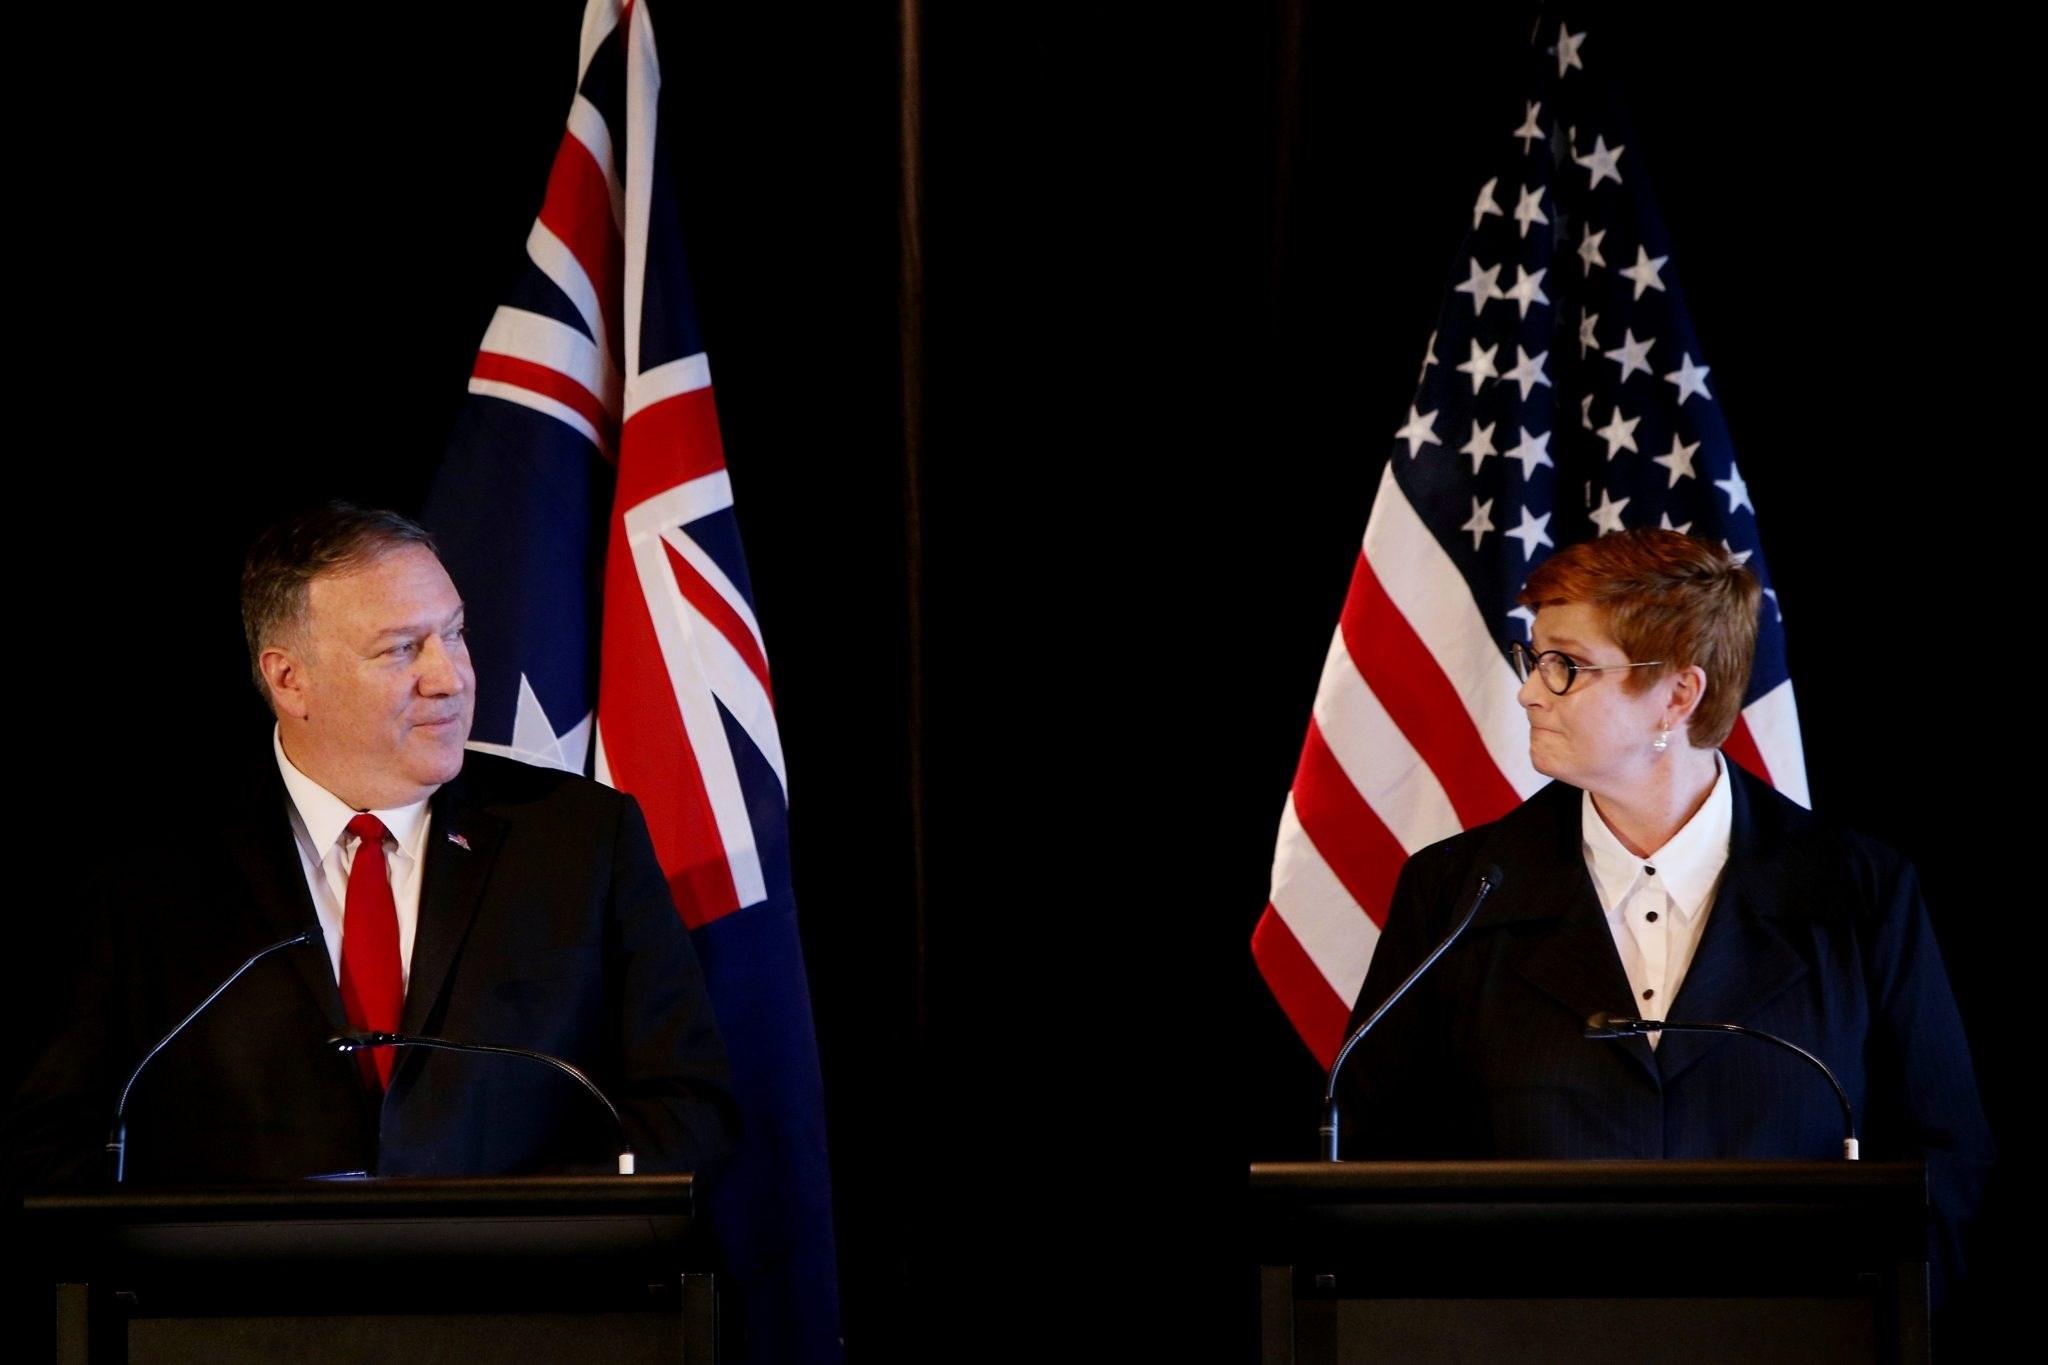 وزير الخارجية الأميركي مايك بومبيو ونظيرته الأسترالية ماريس باين خلال مؤتمر صحفي في برلمان نيو ساوث ويلز في 4 أب/أغسطس 2019